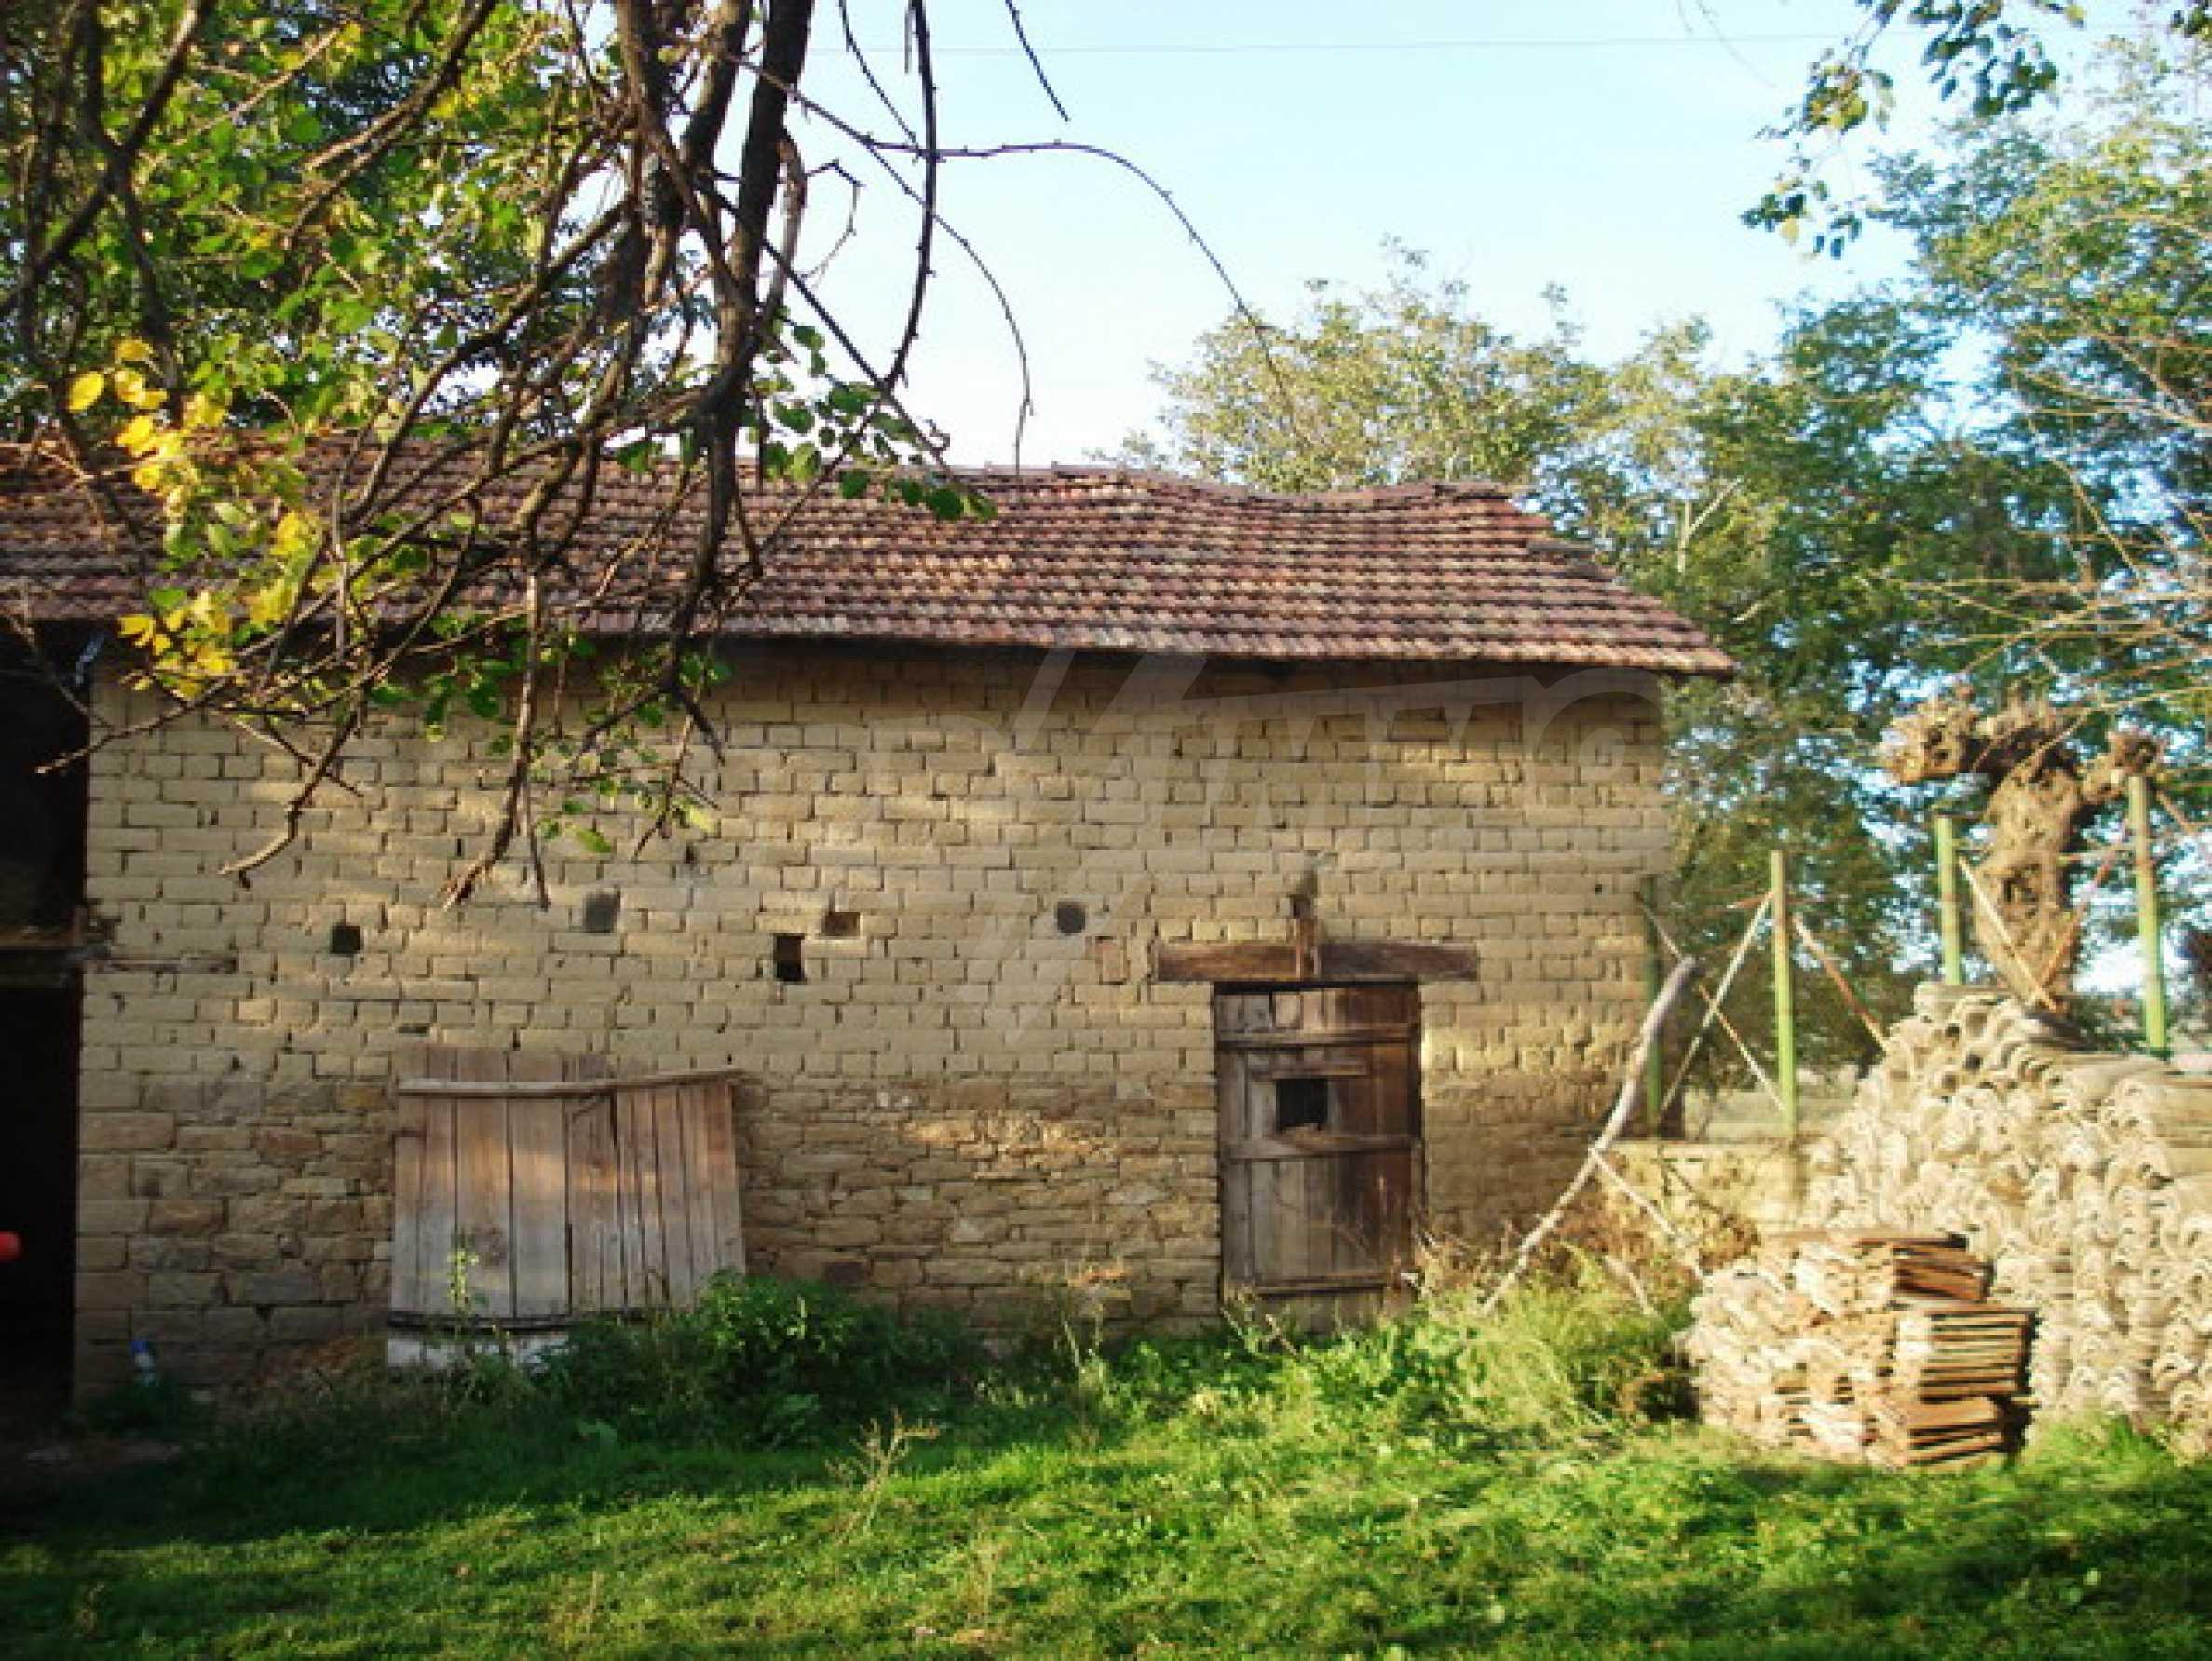 Brick-built village house 8